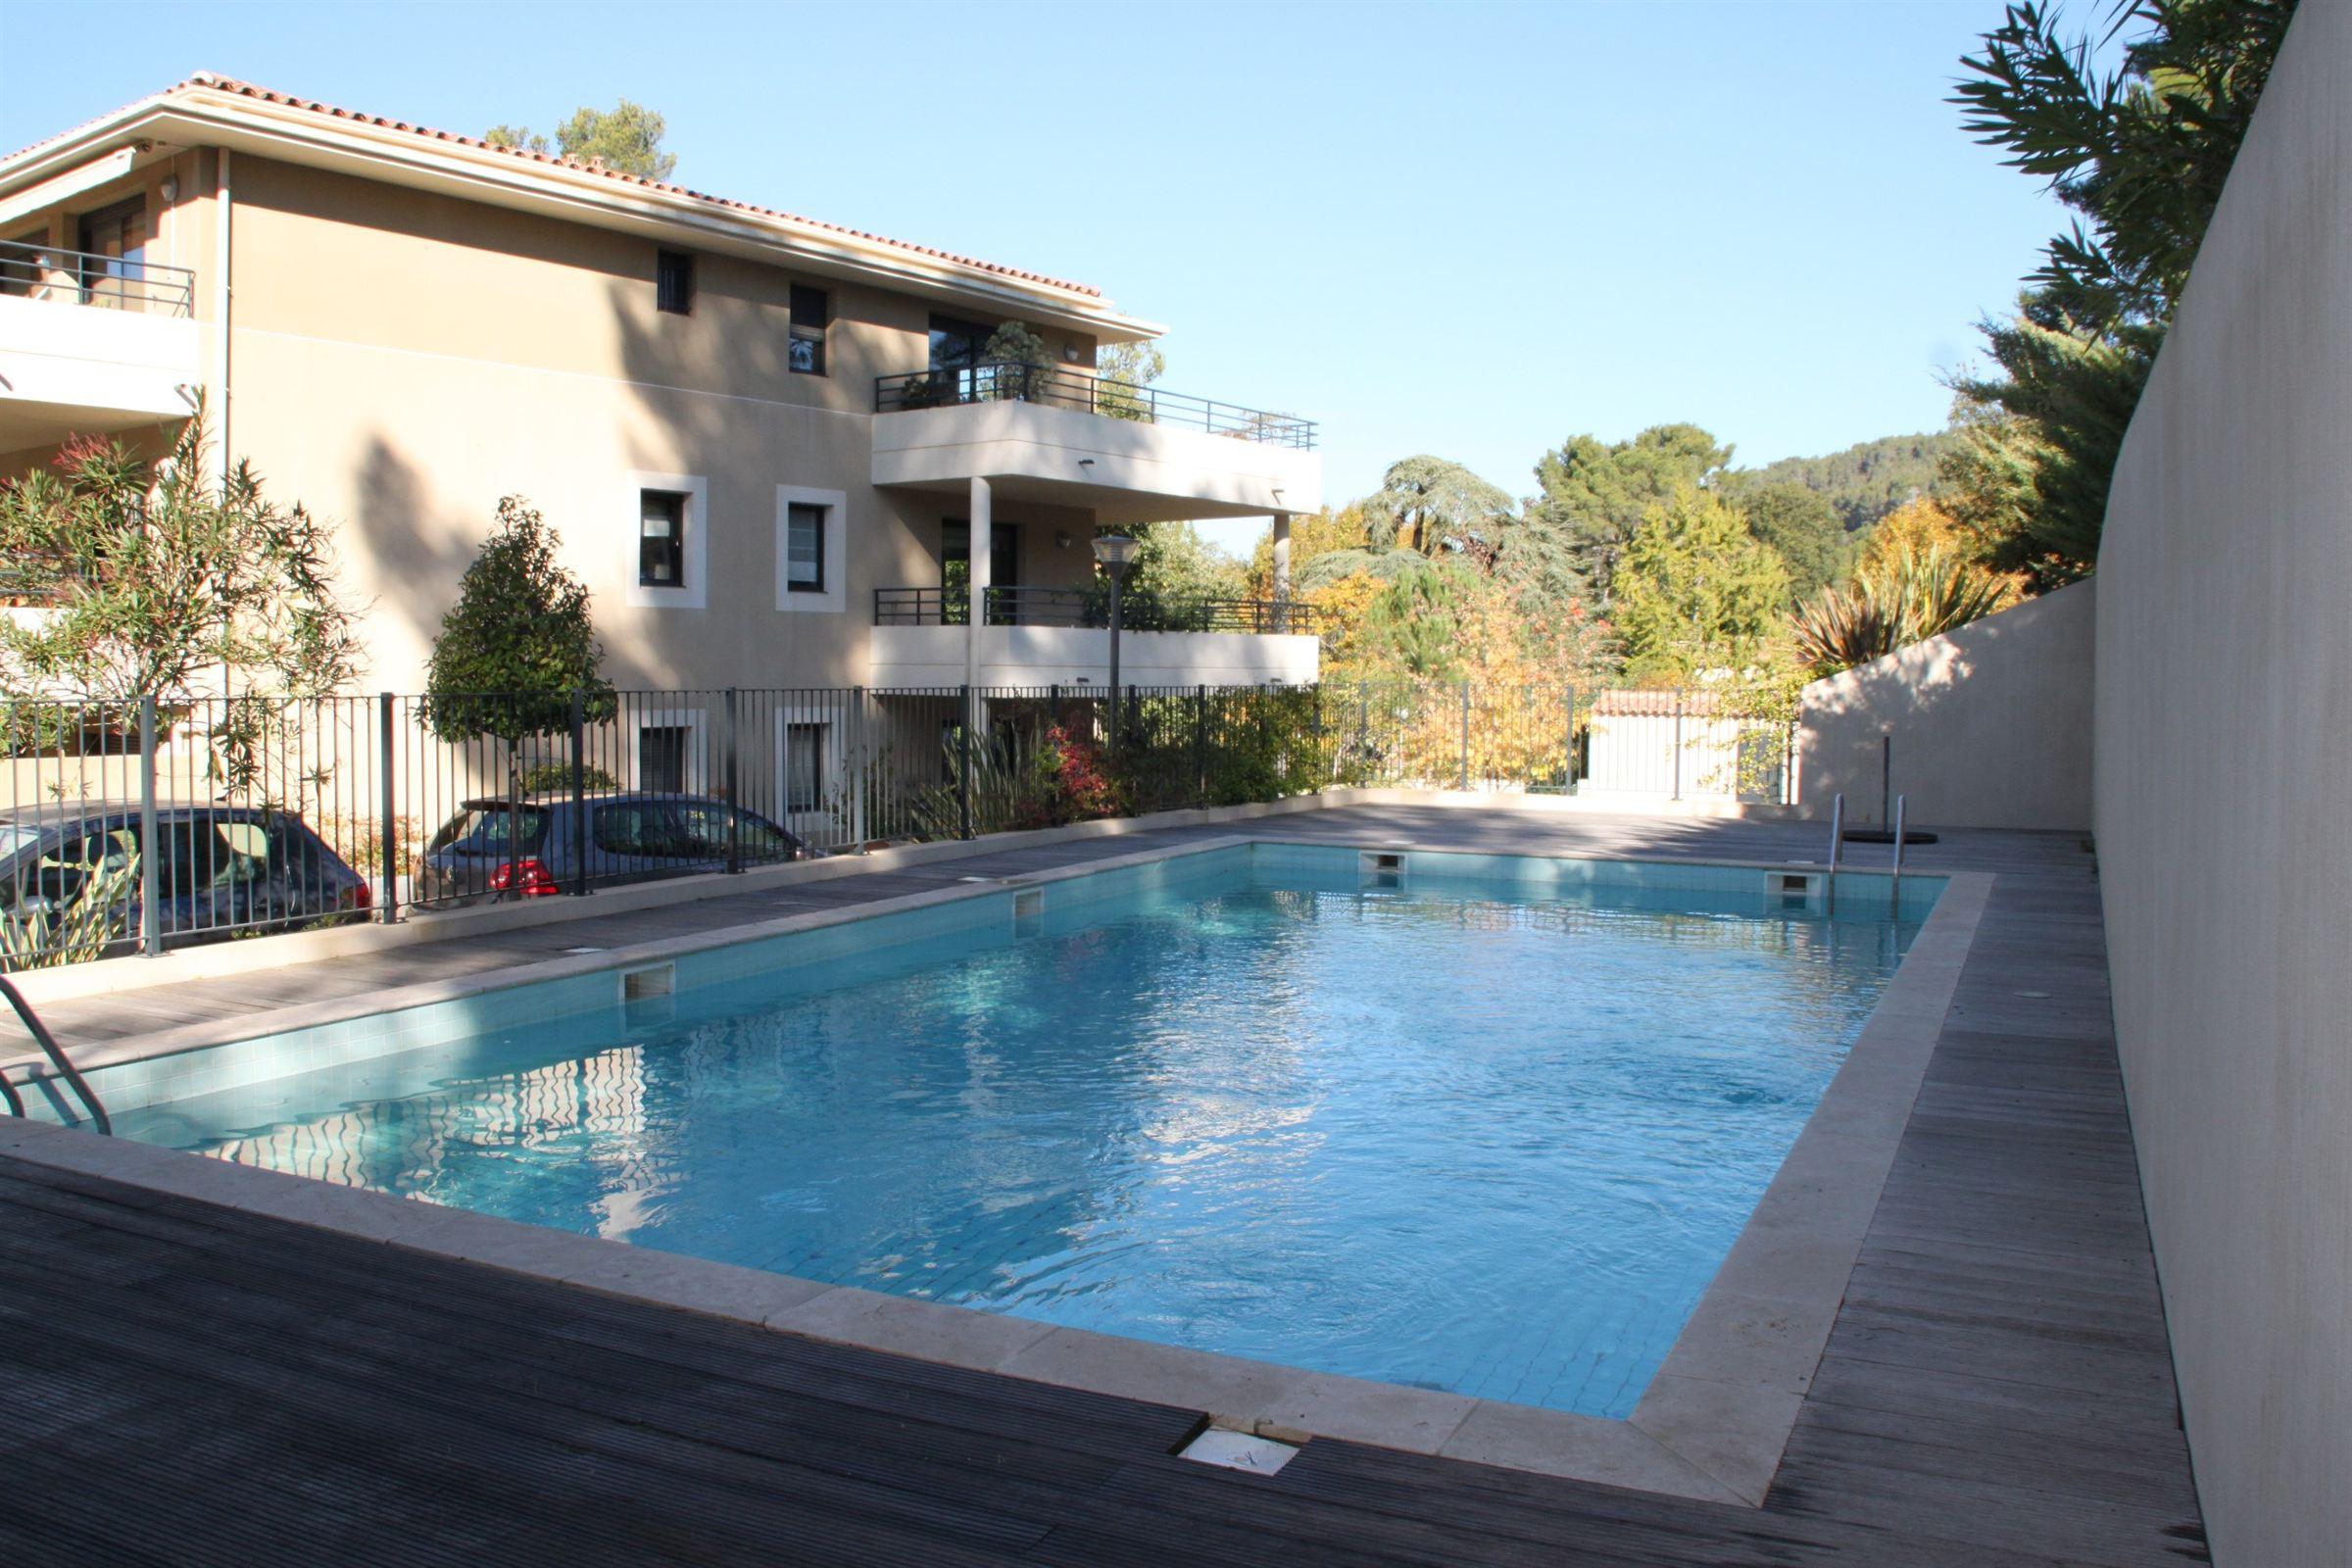 Apartamento para Venda às AIX - LA TORSE Other Provence-Alpes-Cote D'Azur, Provença-Alpes-Costa Azul, 13100 França